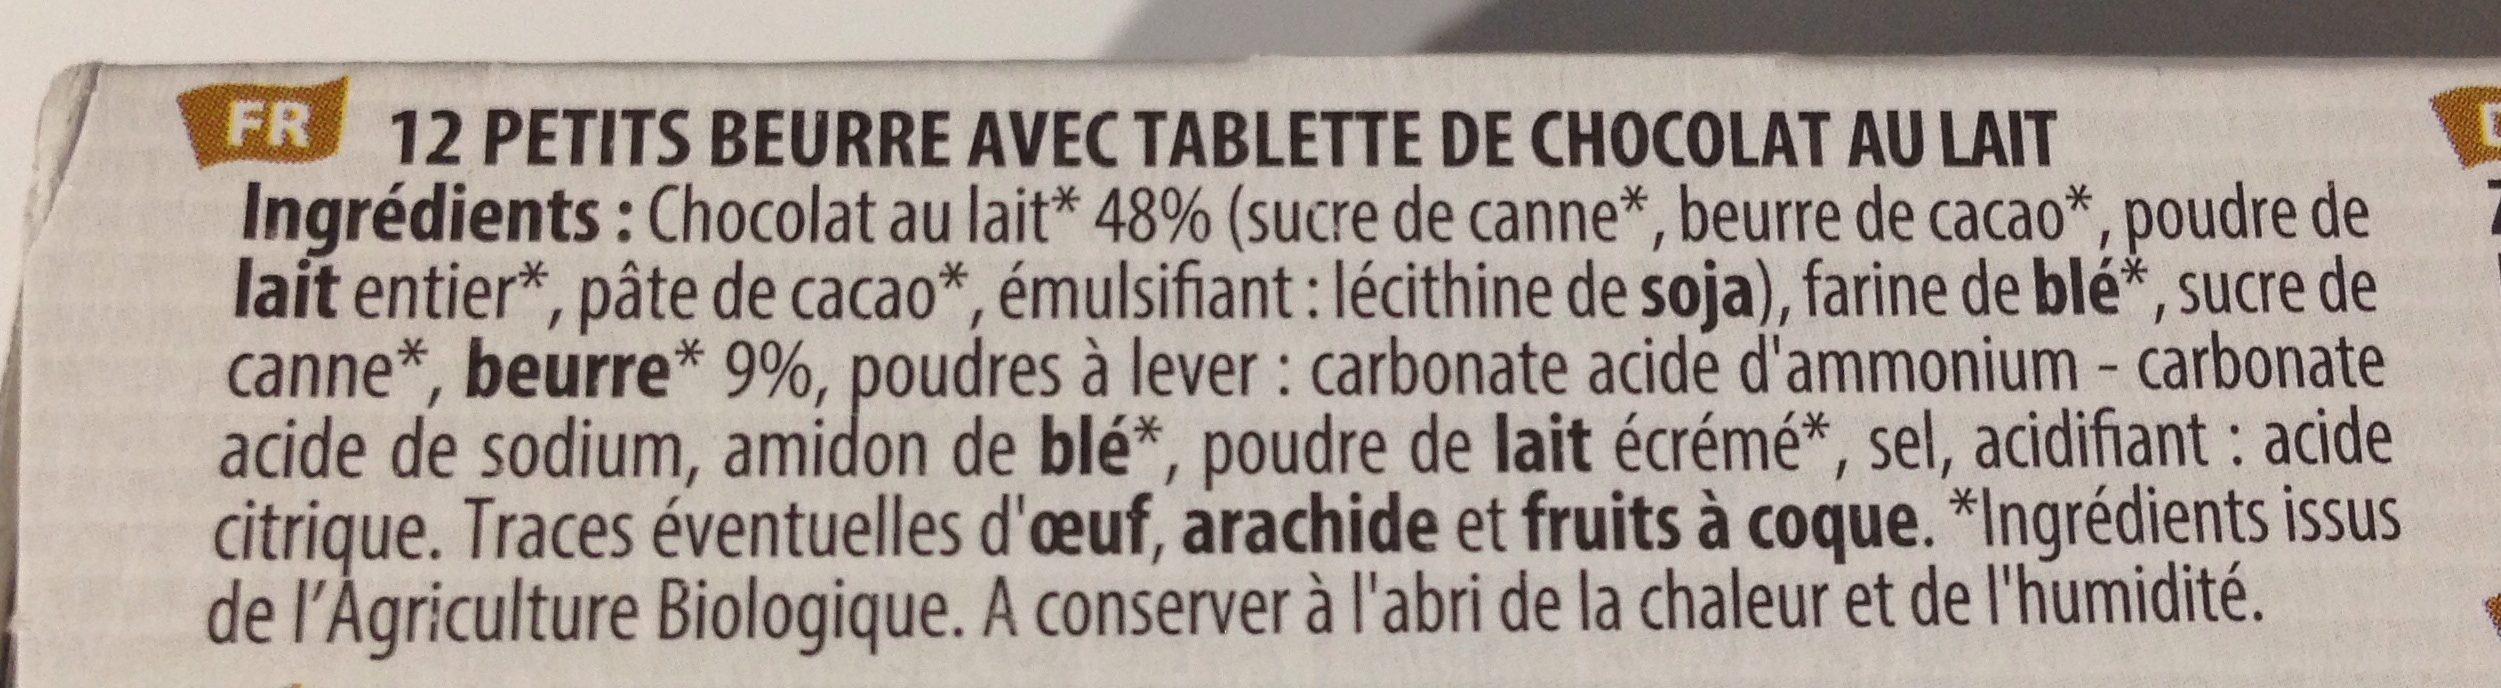 Petit beurre bio avec tablette de chocolat au lait - Ingredients - fr